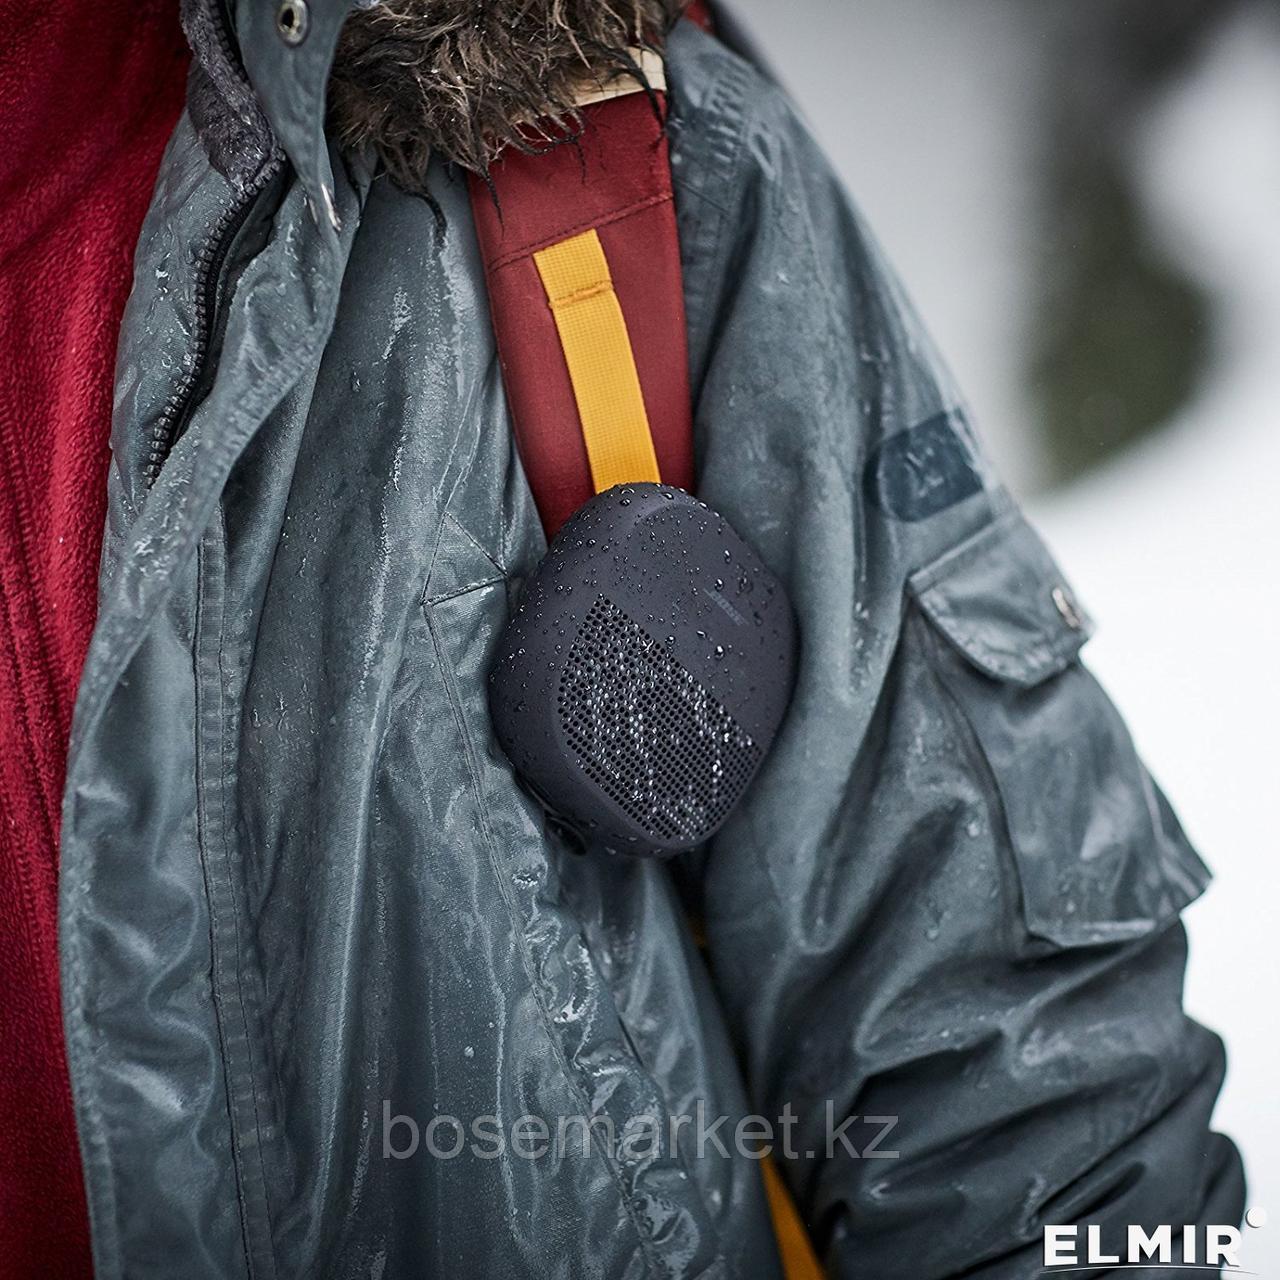 Портативная колонка SoundLink Micro Bose - фото 6